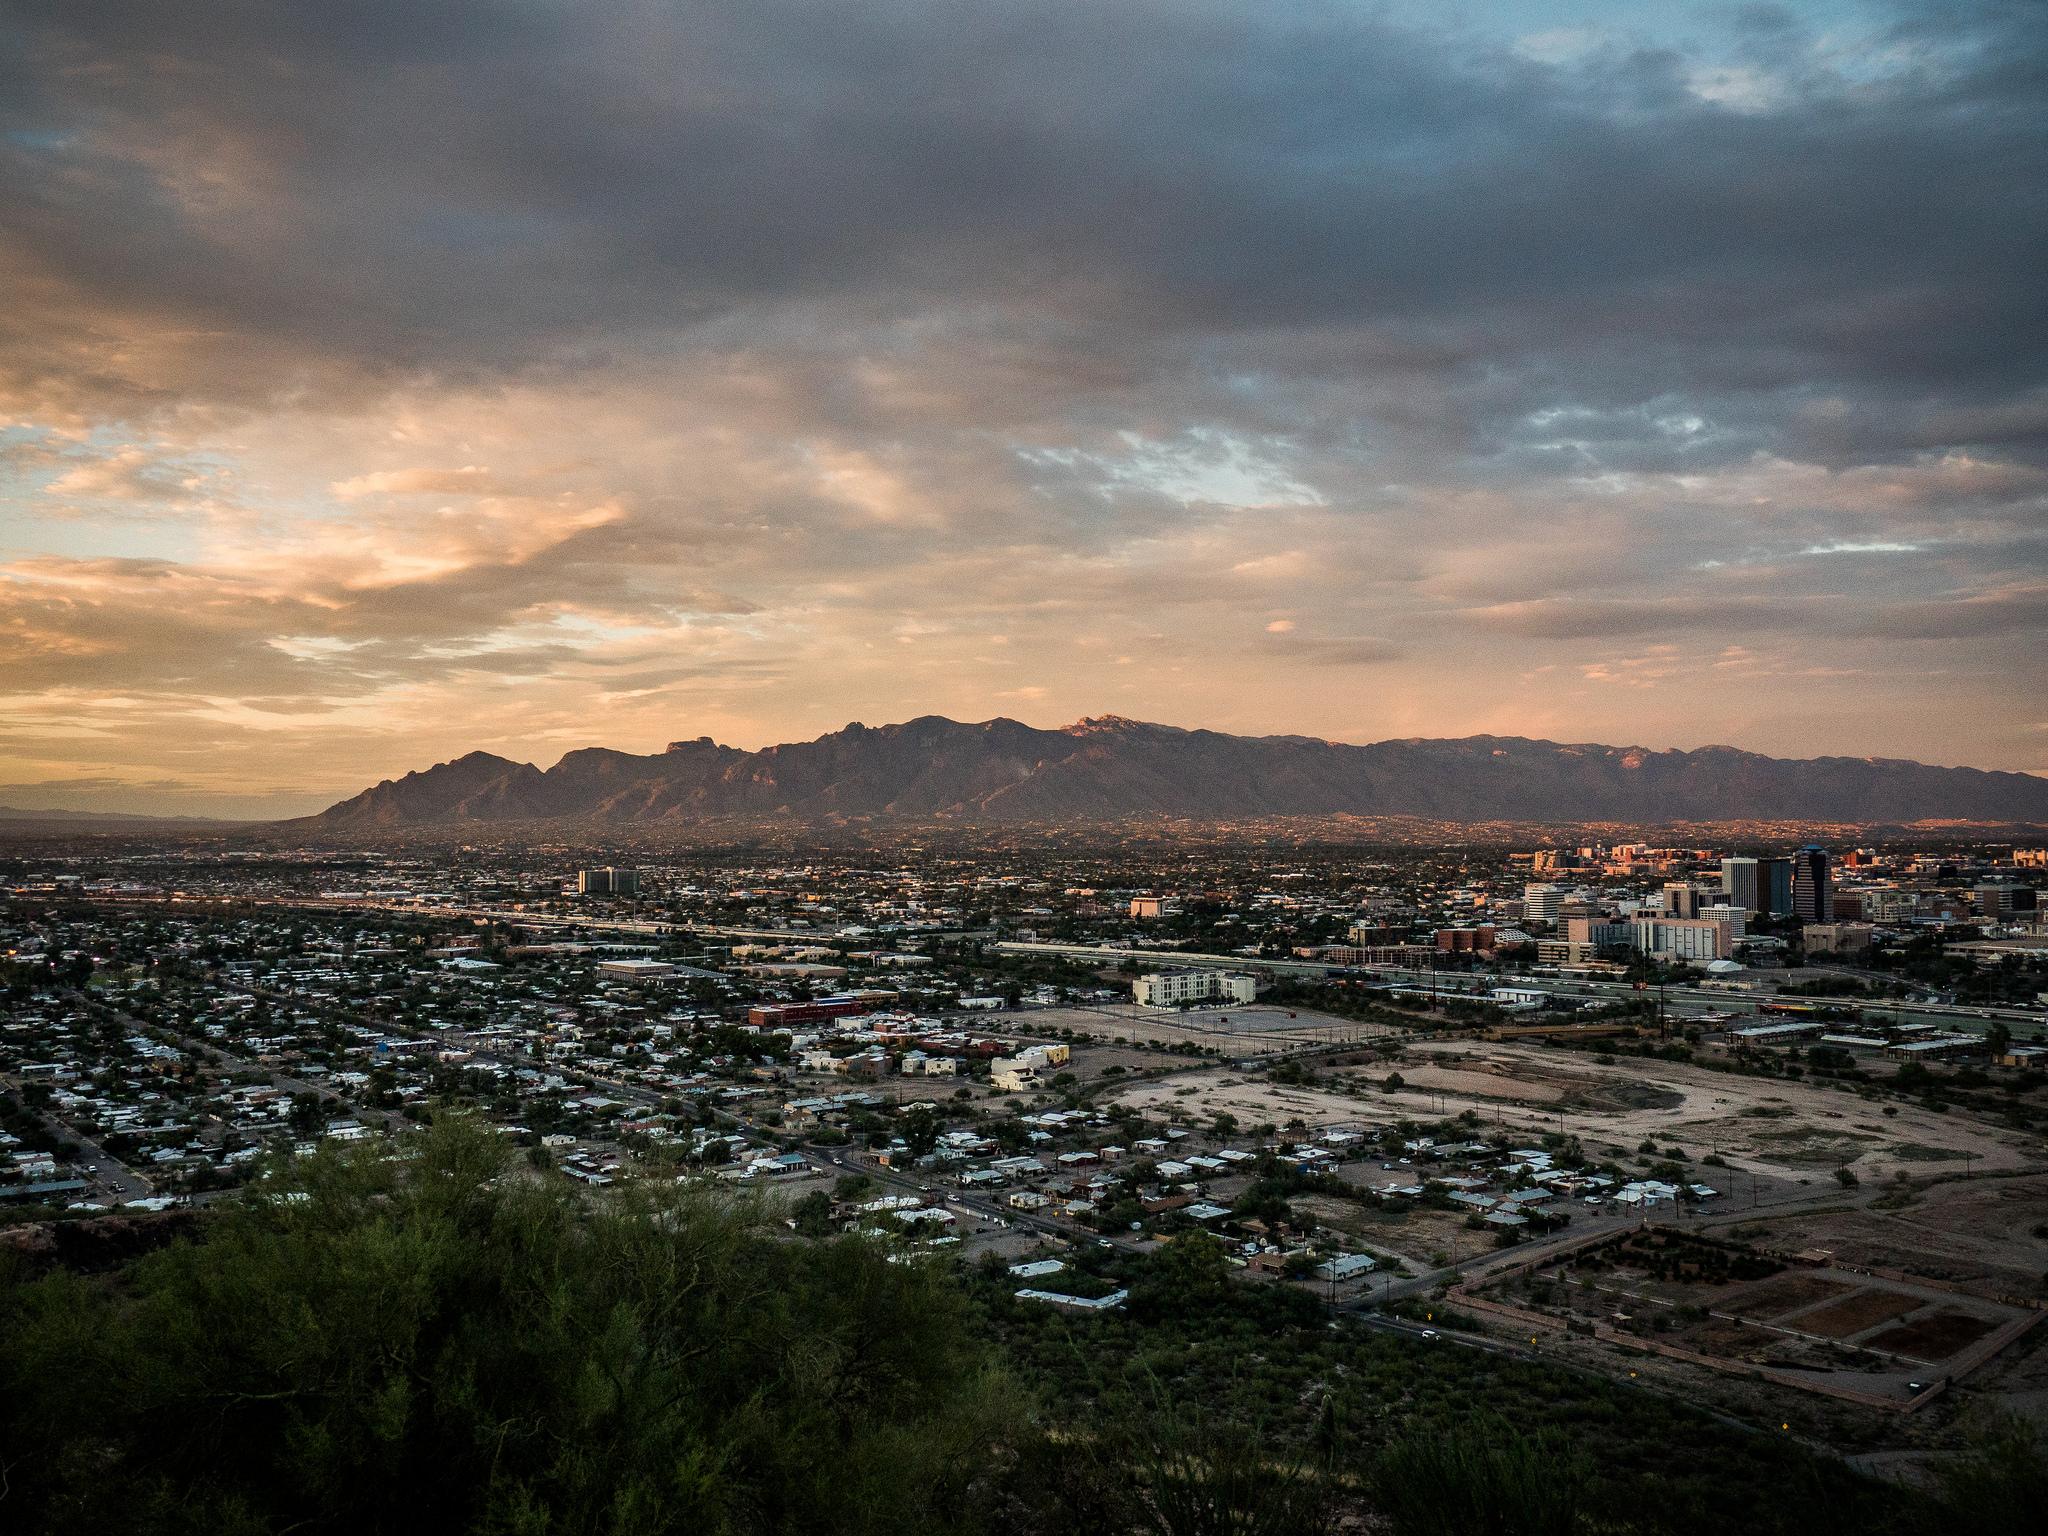 TUCSON, AZ -